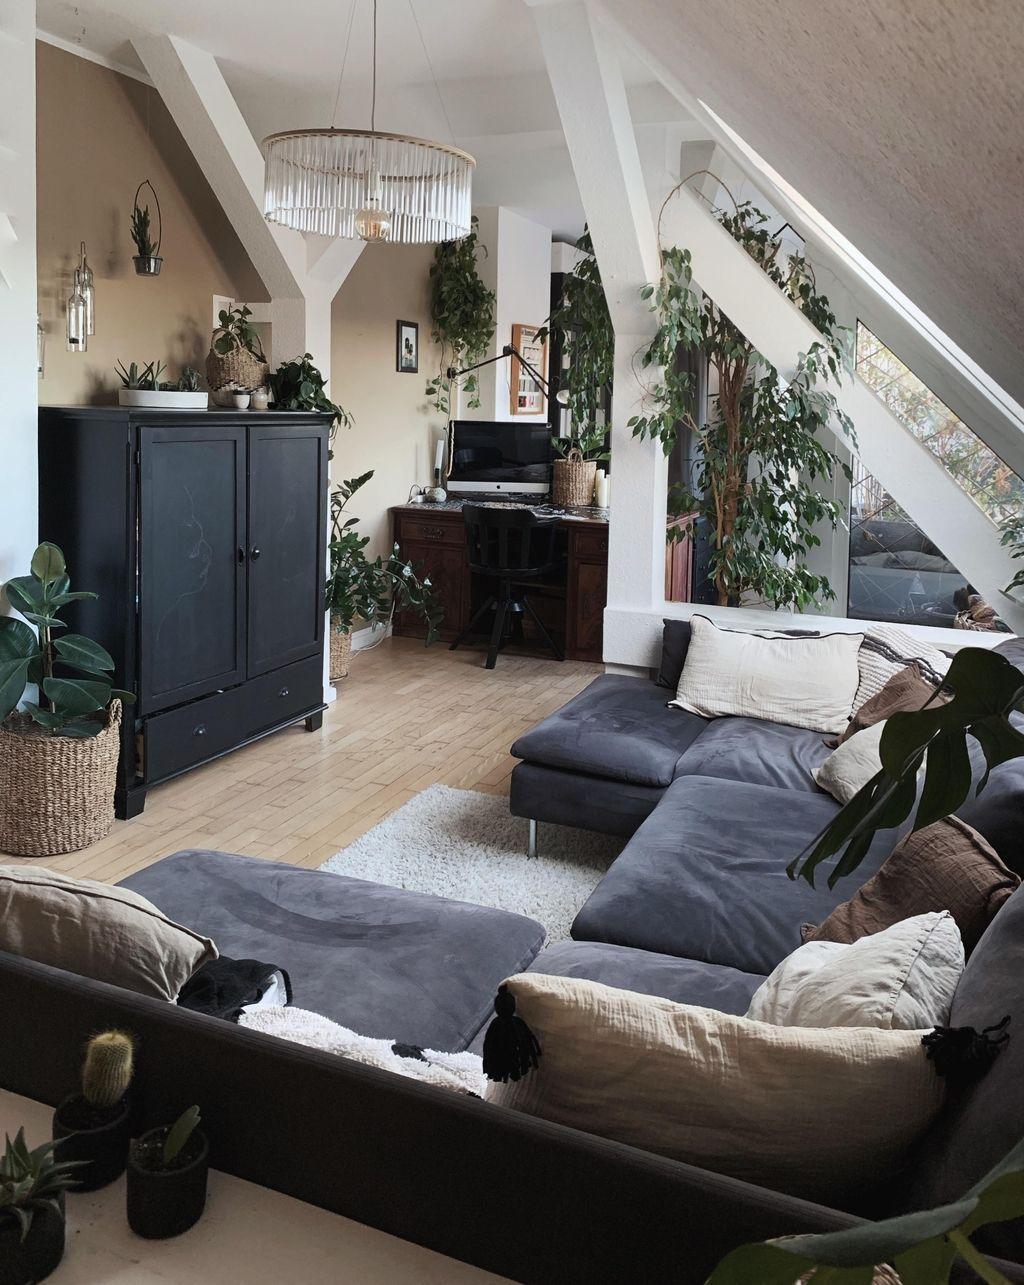 Dachgeschoss • Bilder & Ideen in 6  Wohnung, Wohnen, Dachgeschoss